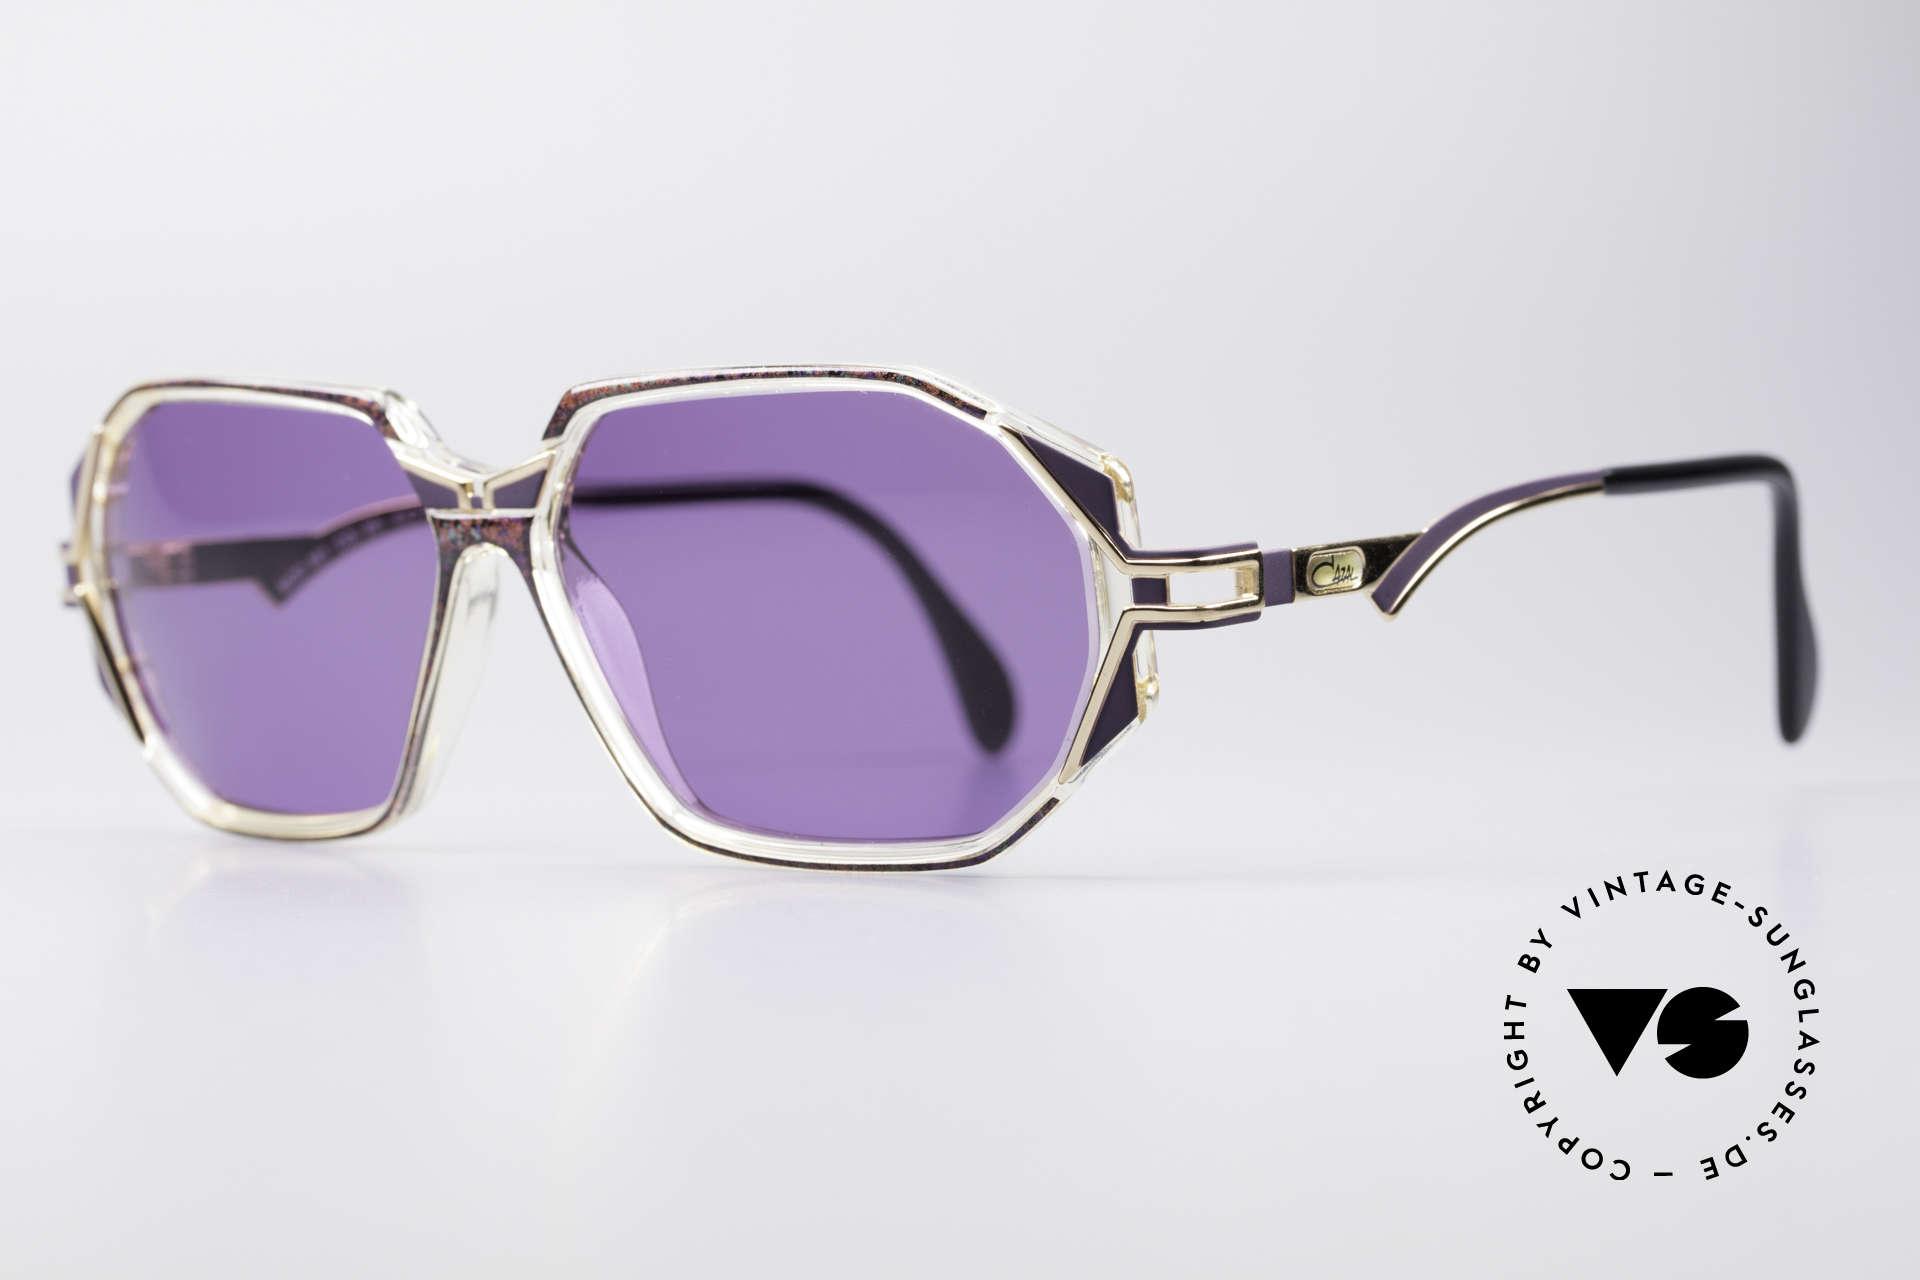 Cazal 361 Original 90er Sonnenbrille, zauberhafte Kombination aus Materialien & Farben, Passend für Damen